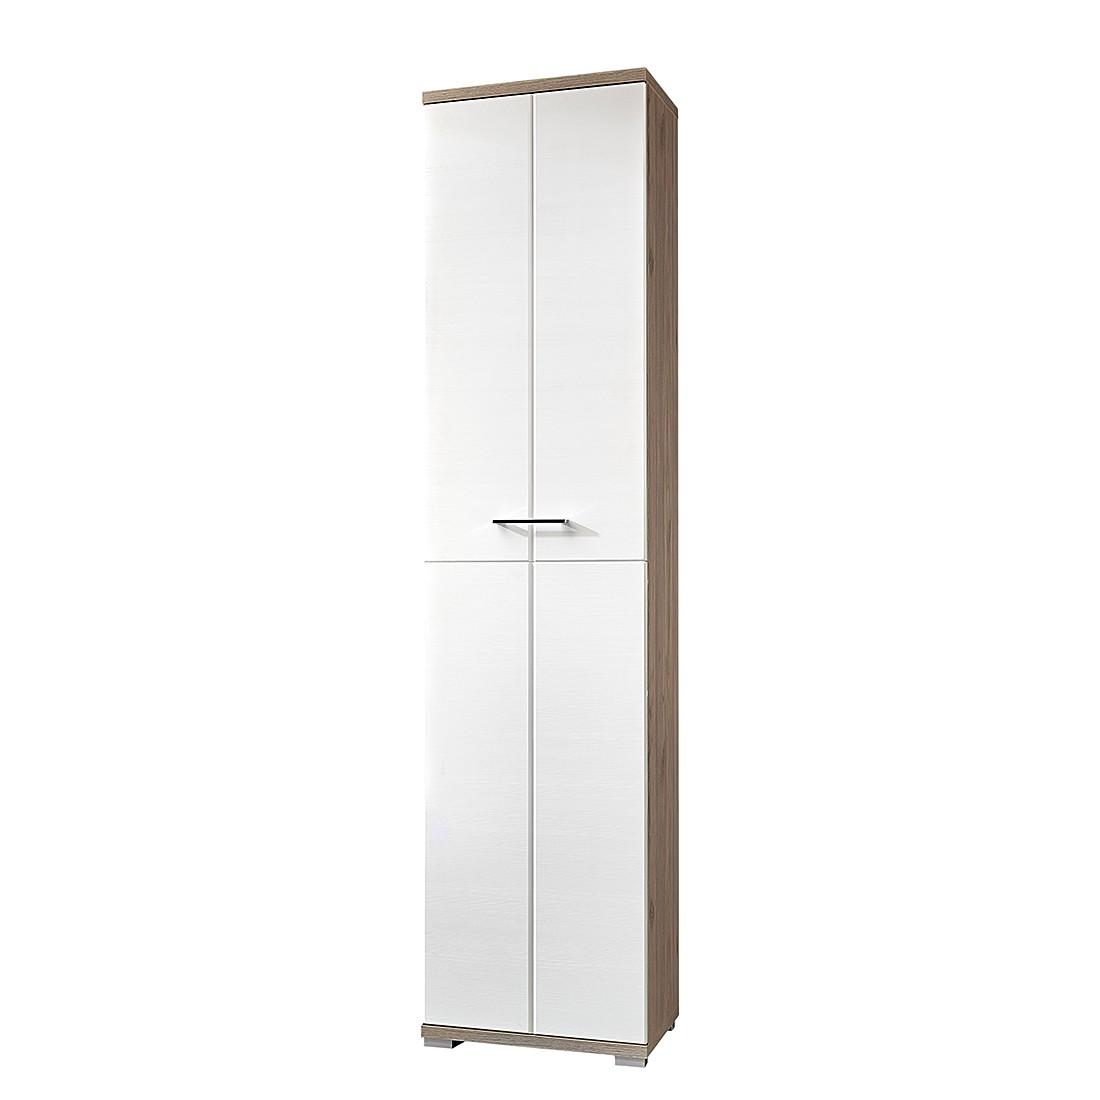 Armoire de vestibule Puls - Imitation chêne argenté / Blanc, Fredriks